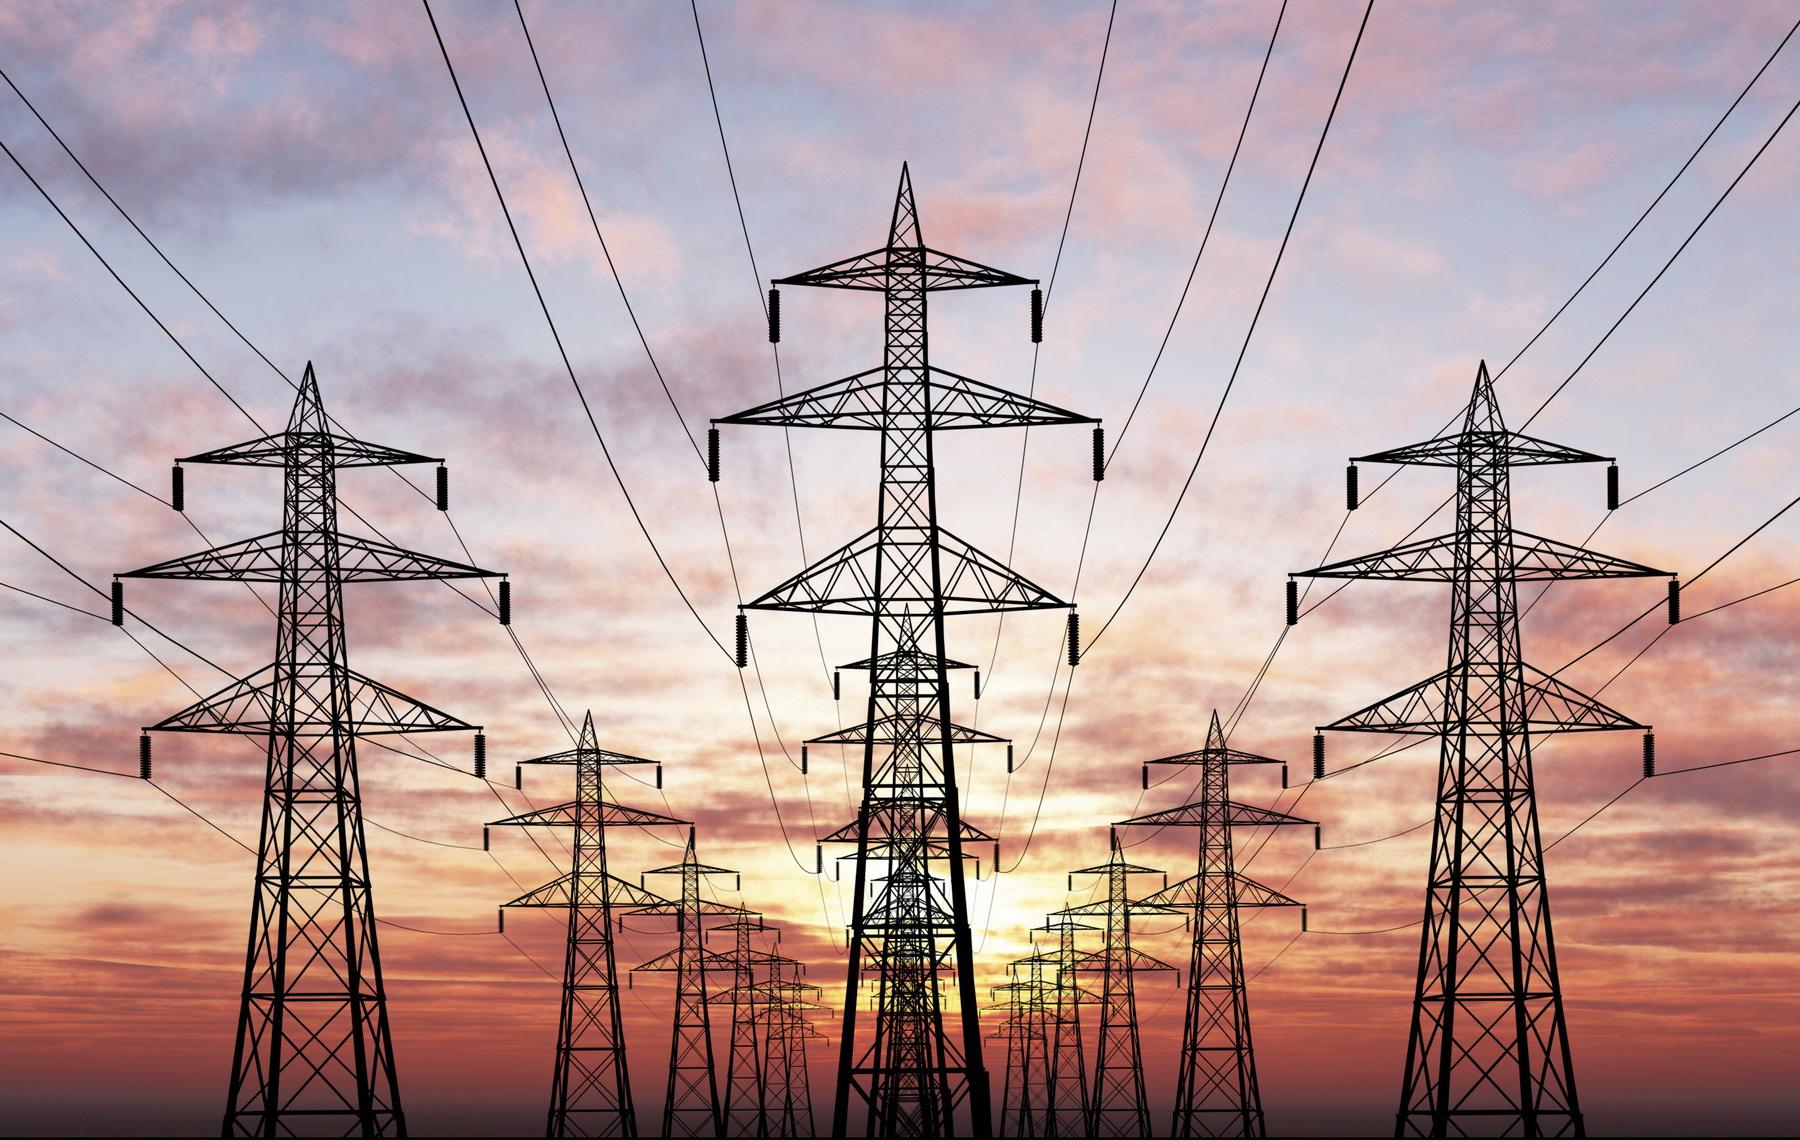 Электрические подстанции оказались под угрозой из-за багов в аппаратуре Siemens